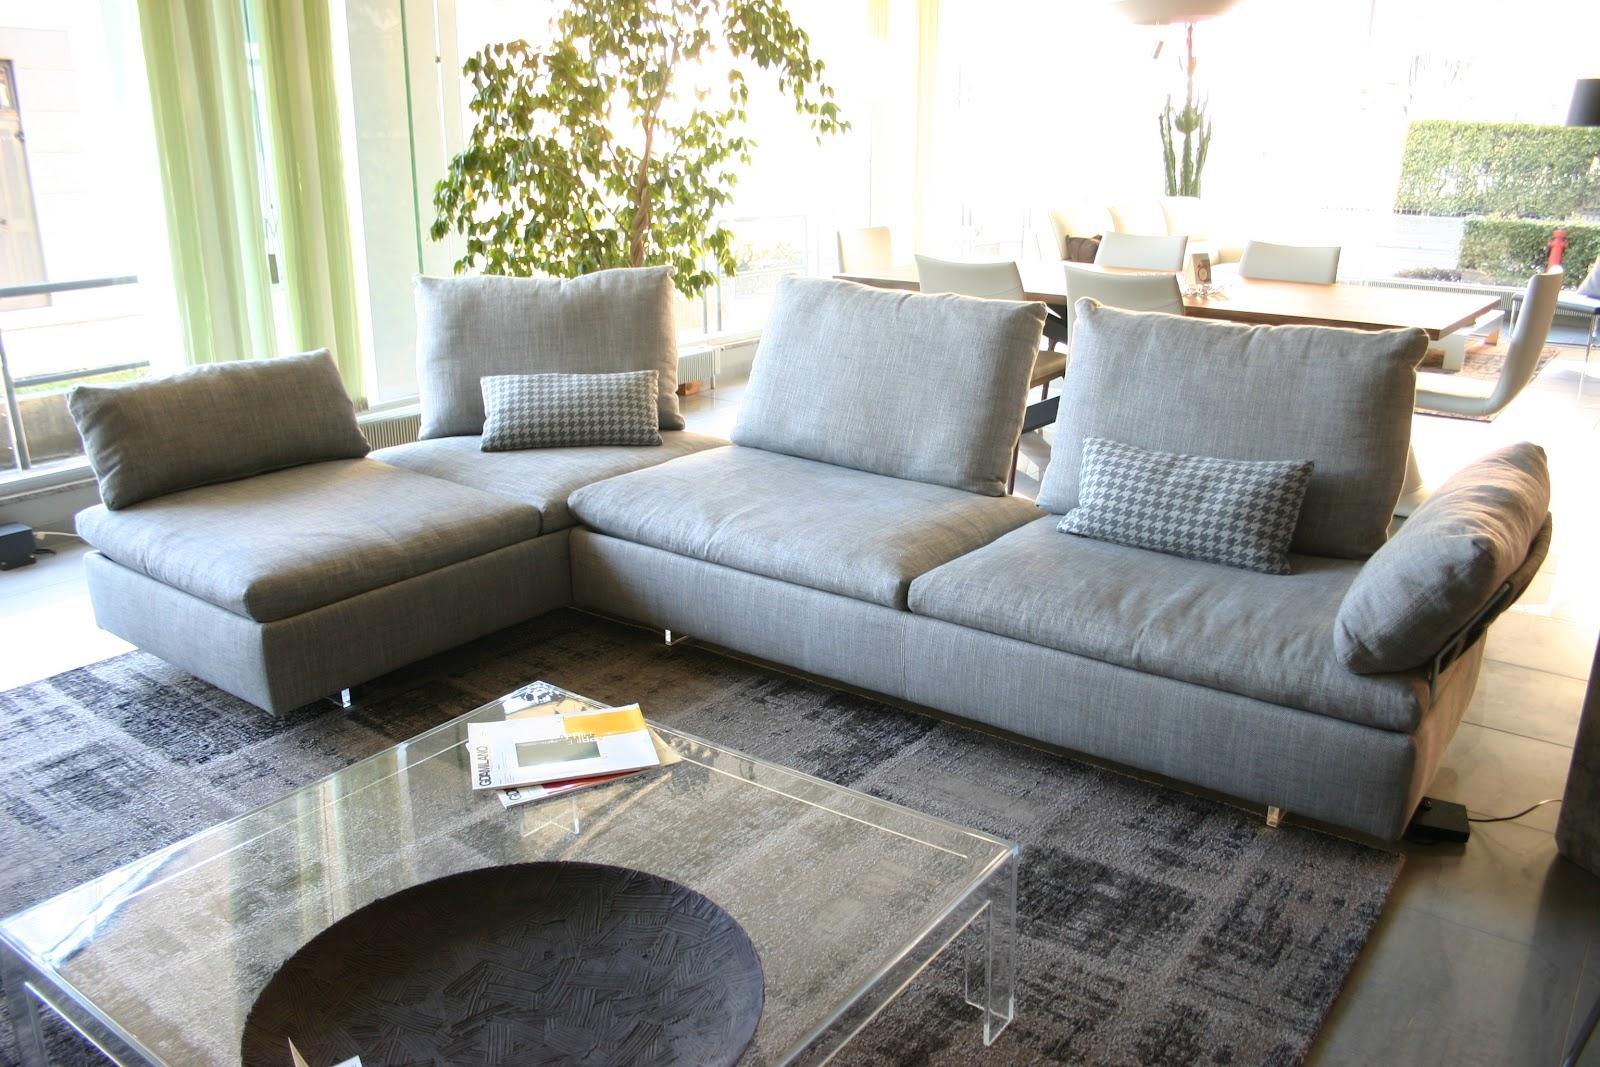 Salotti divani e poltrone in provincia di bergamo for Immagini salotti